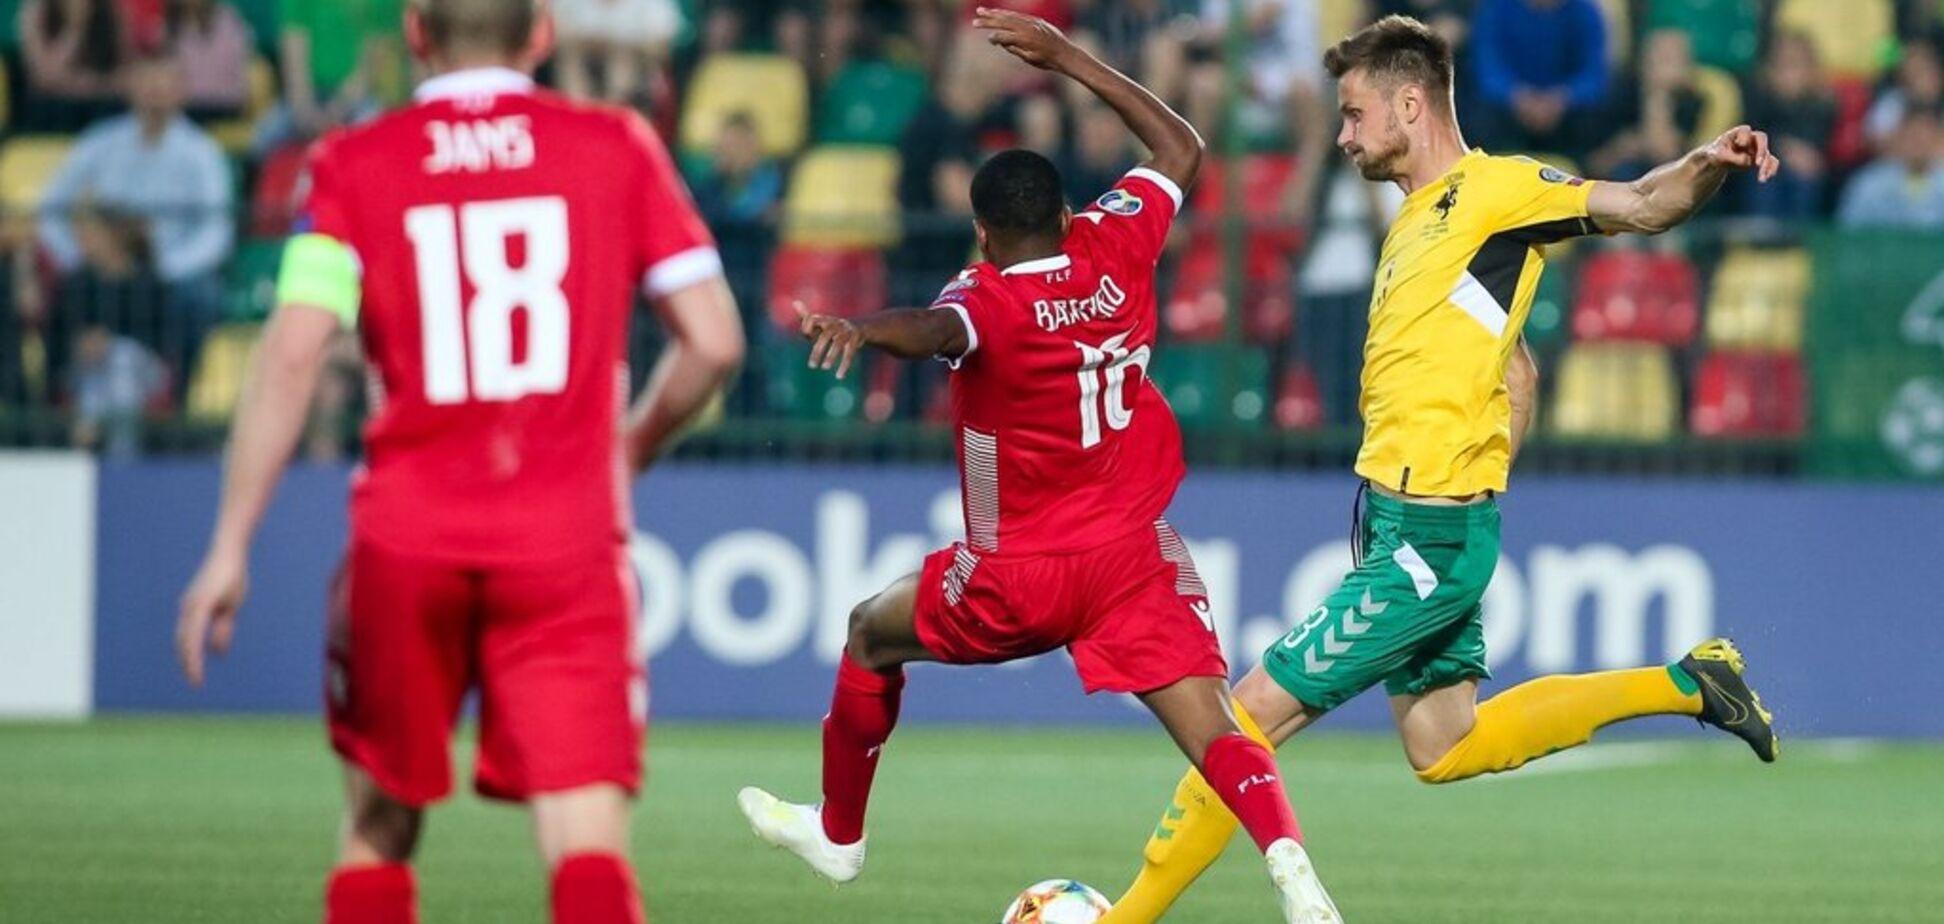 Конкуренты сыграли в пользу Украины: результаты отбора Евро-2020 7 июня